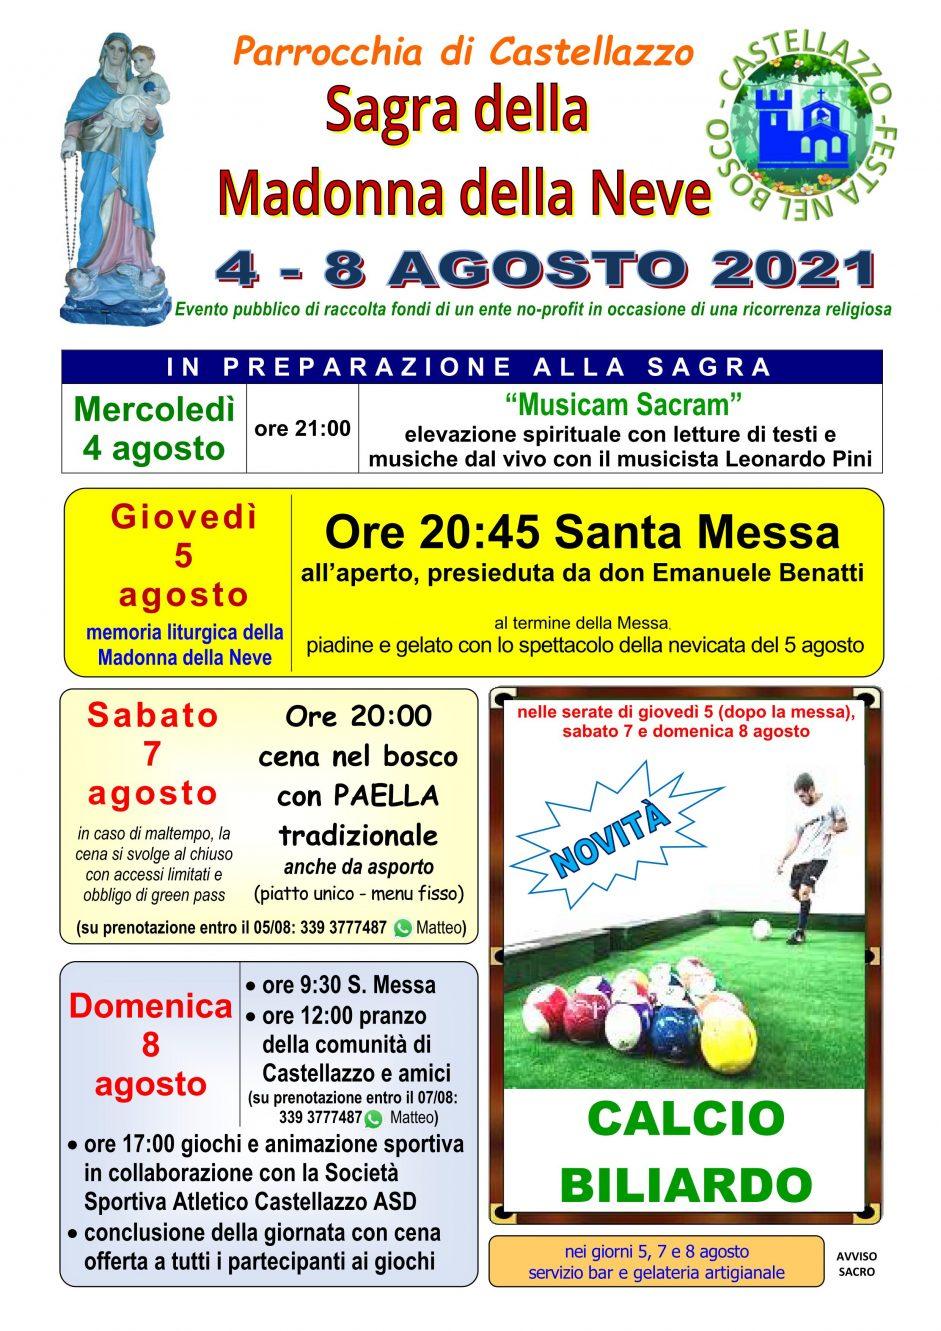 Sagra 2021 della Madonna della Neve a Castellazzo dal 4 all'8 agosto